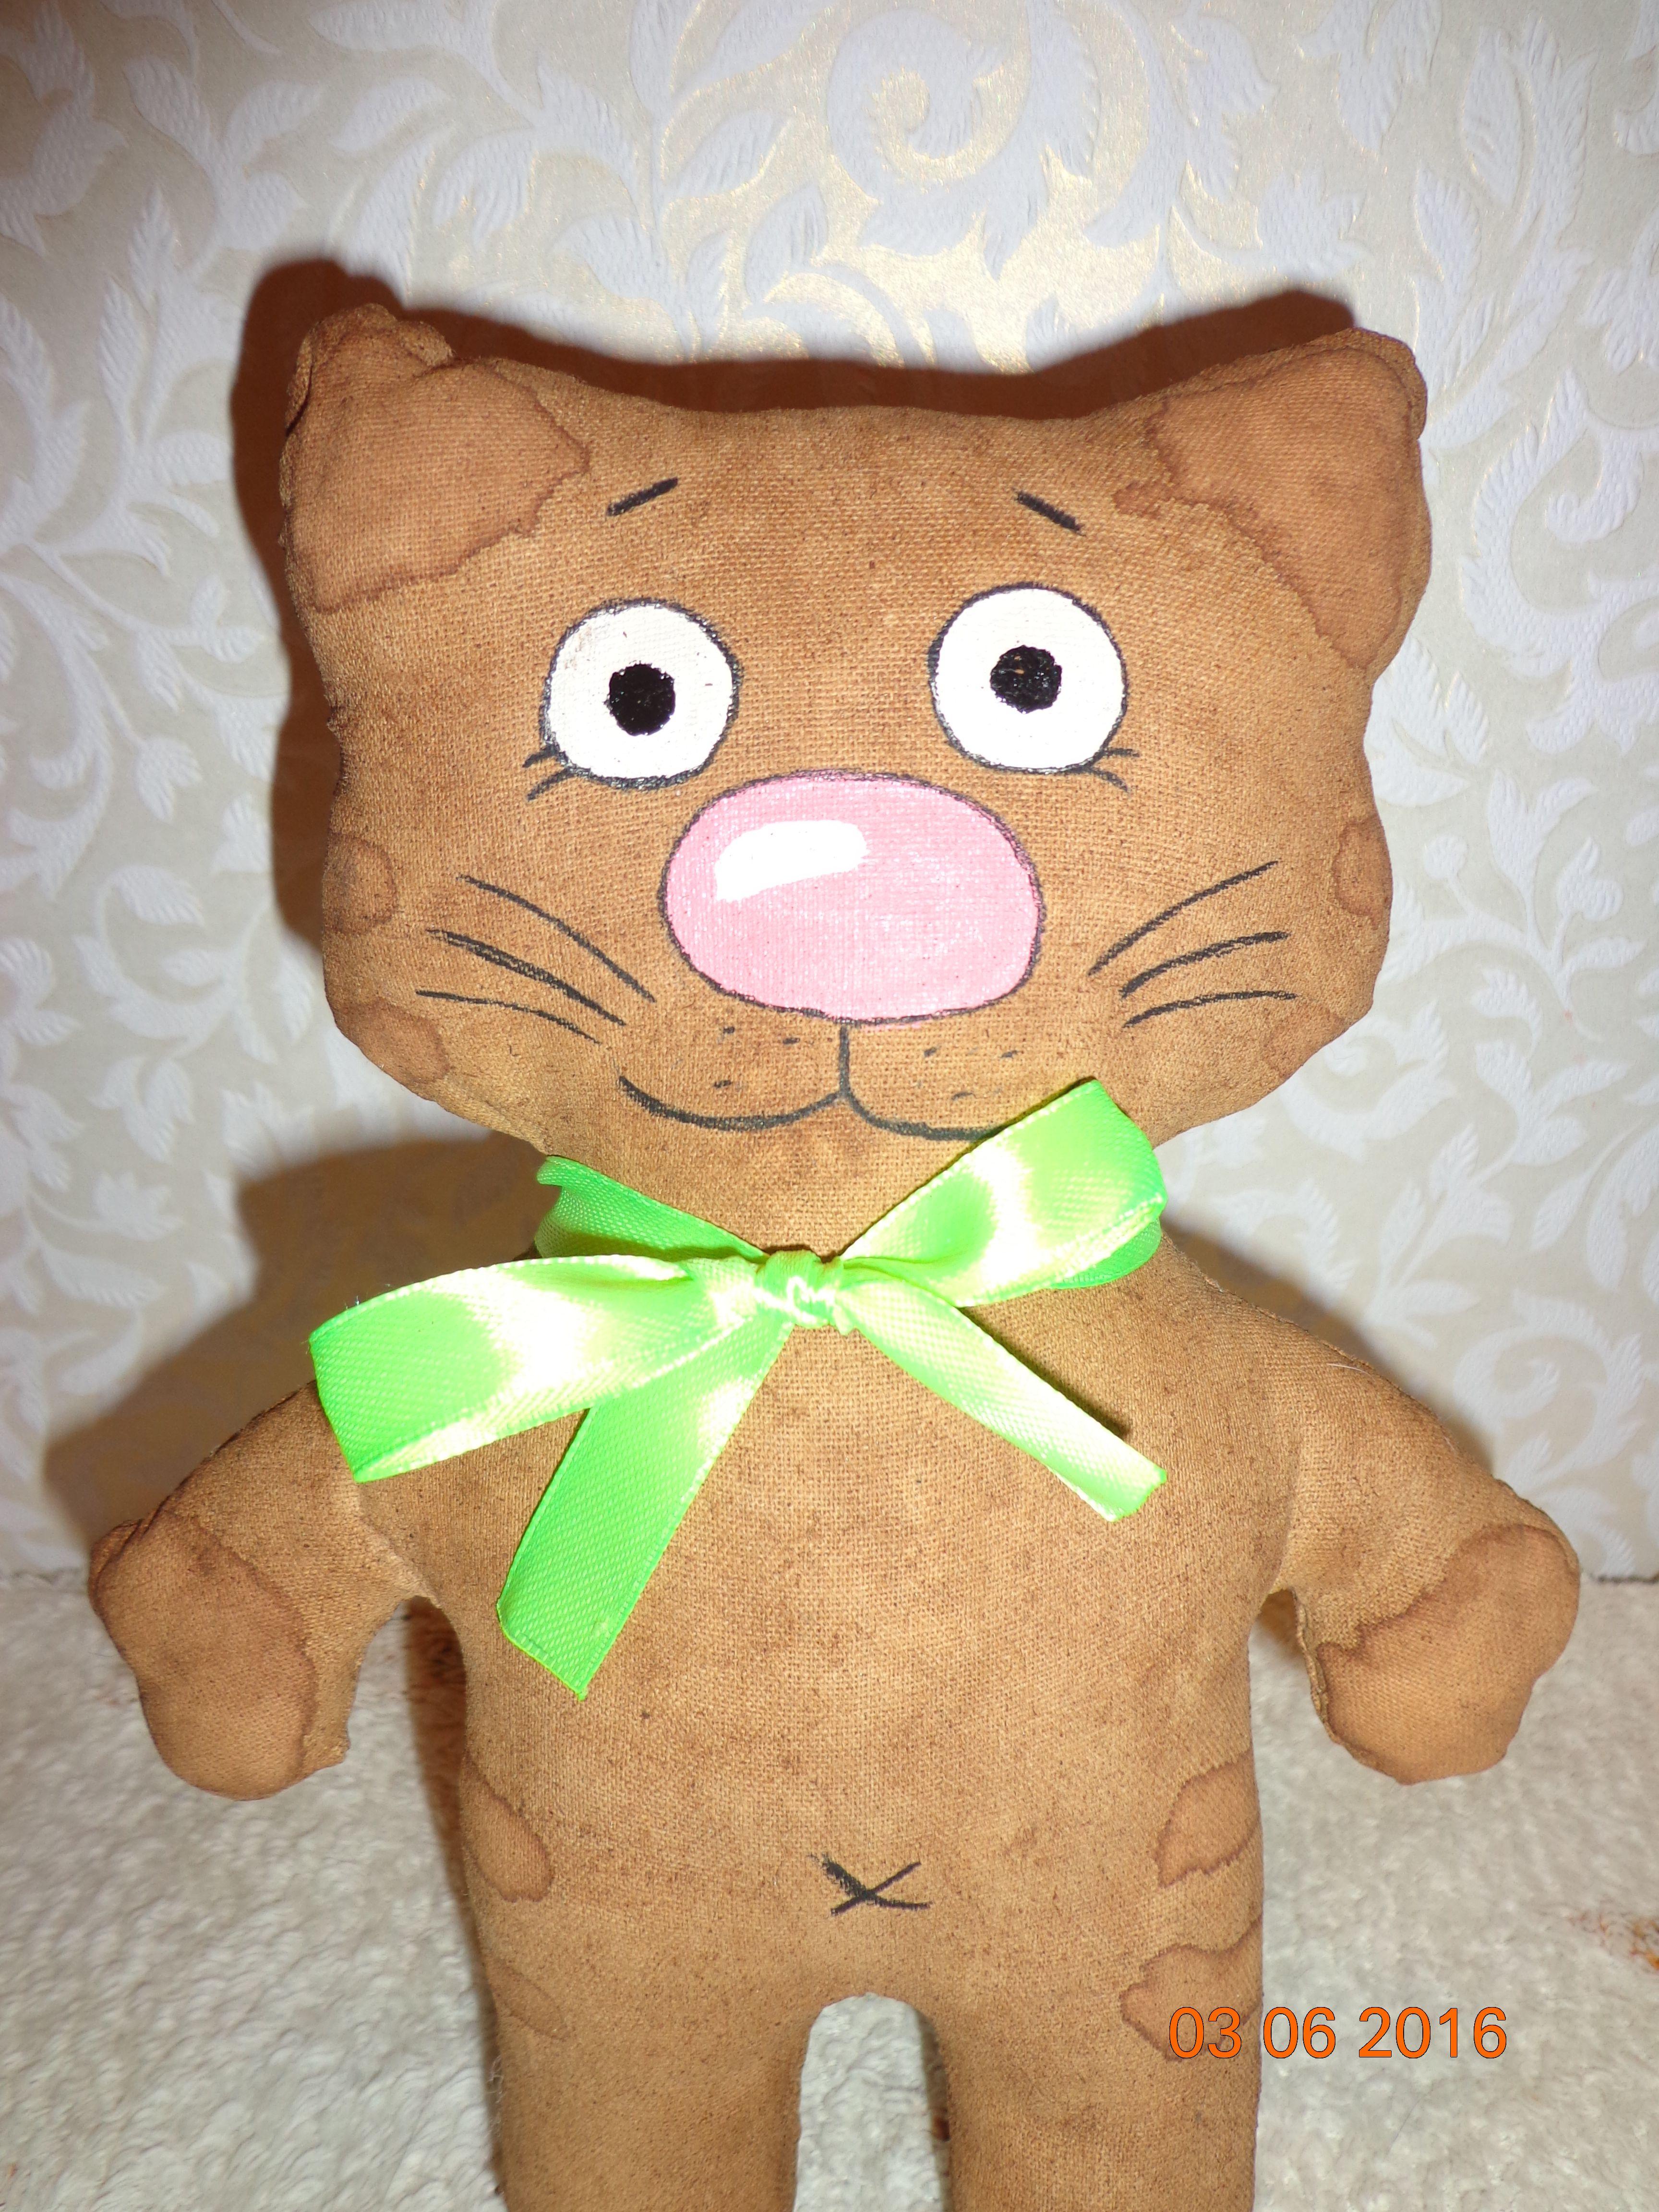 кофейный ароматная корица игрушка кофе котик